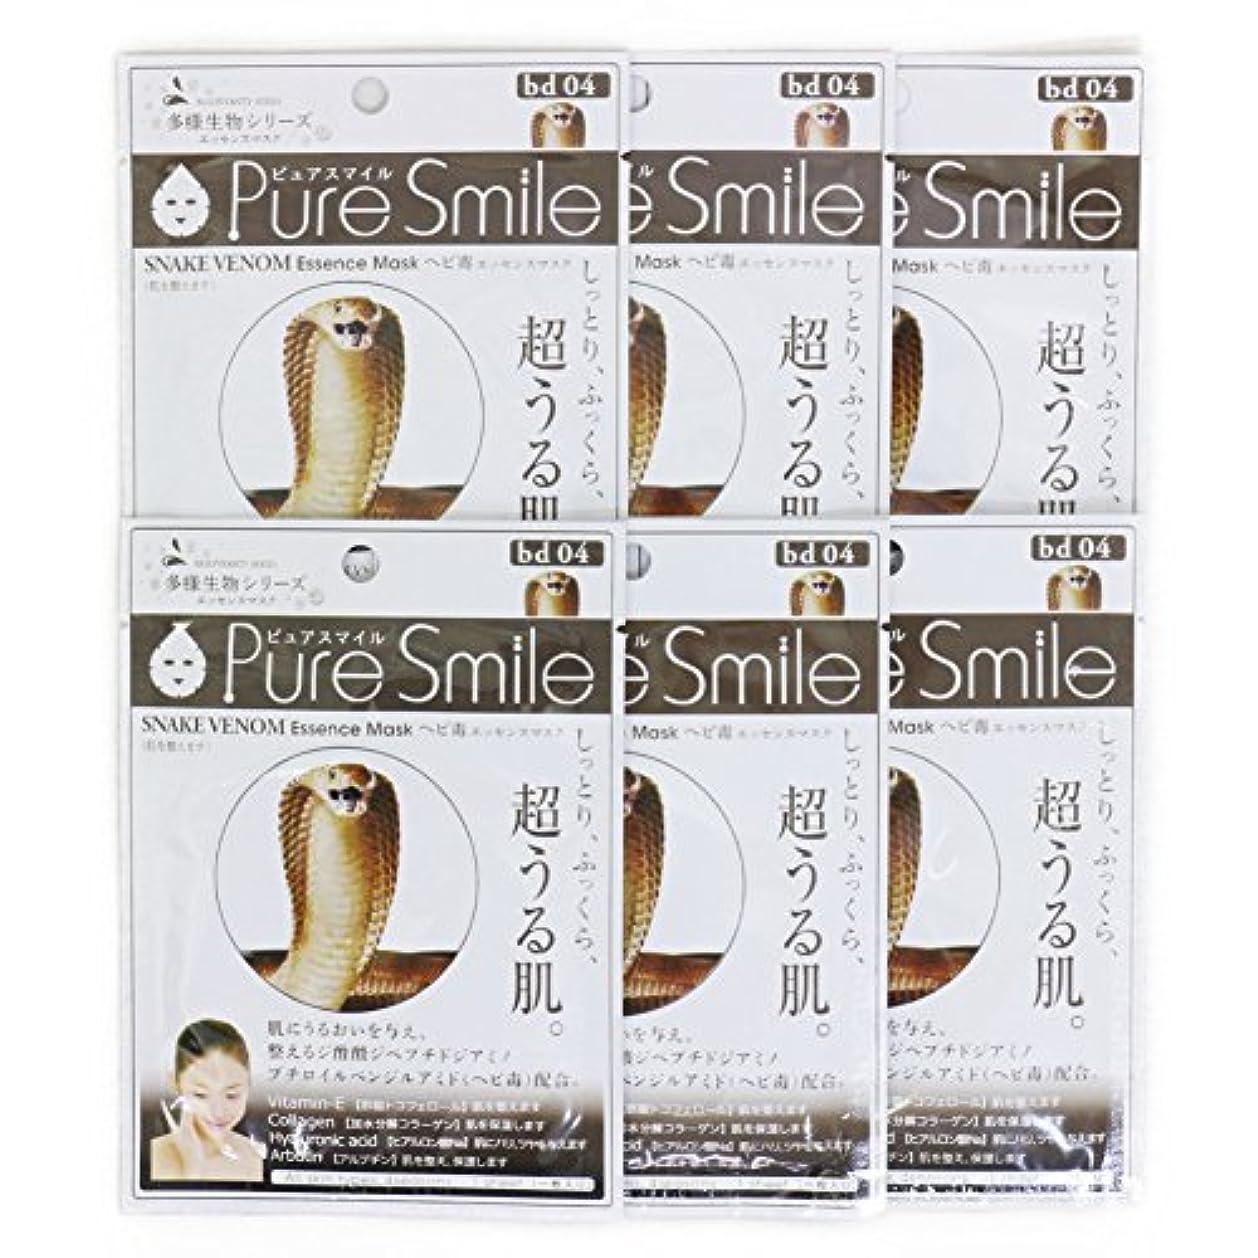 けん引アッパー褒賞Pure Smile ピュアスマイル 多様生物エッセンスマスク ヘビ毒 6枚セット